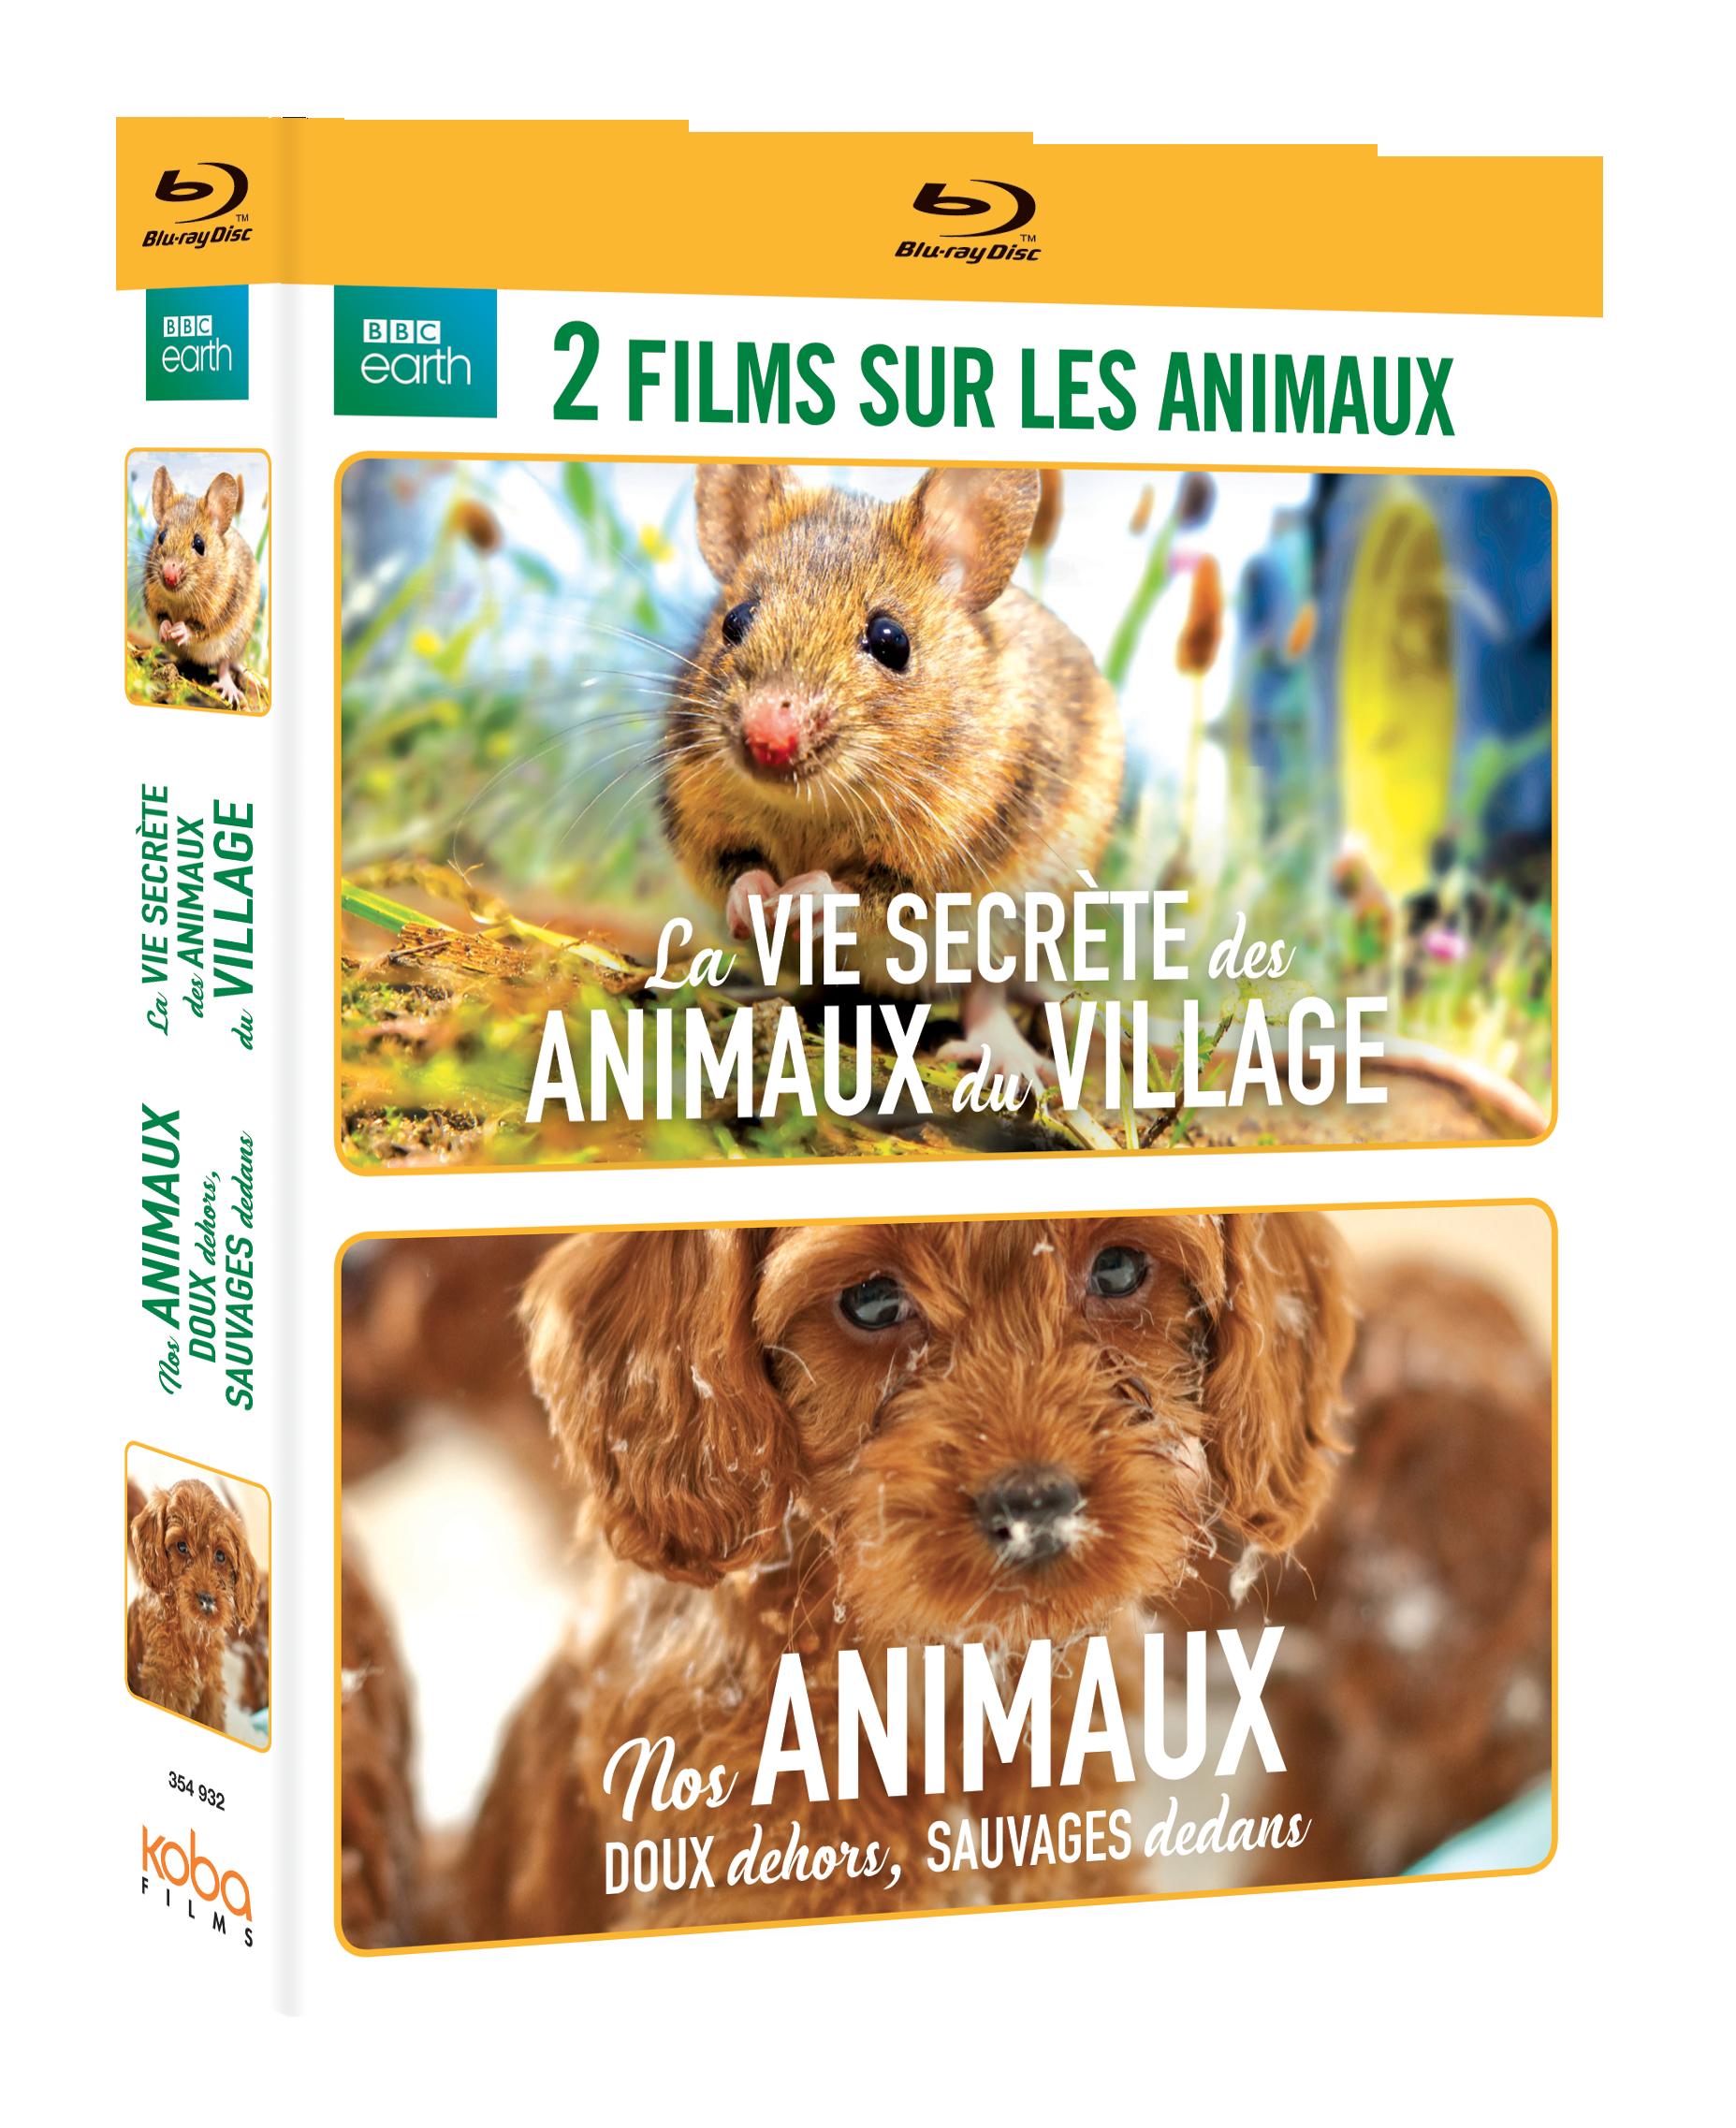 2 FILMS SUR LES ANIMAUX - BRD